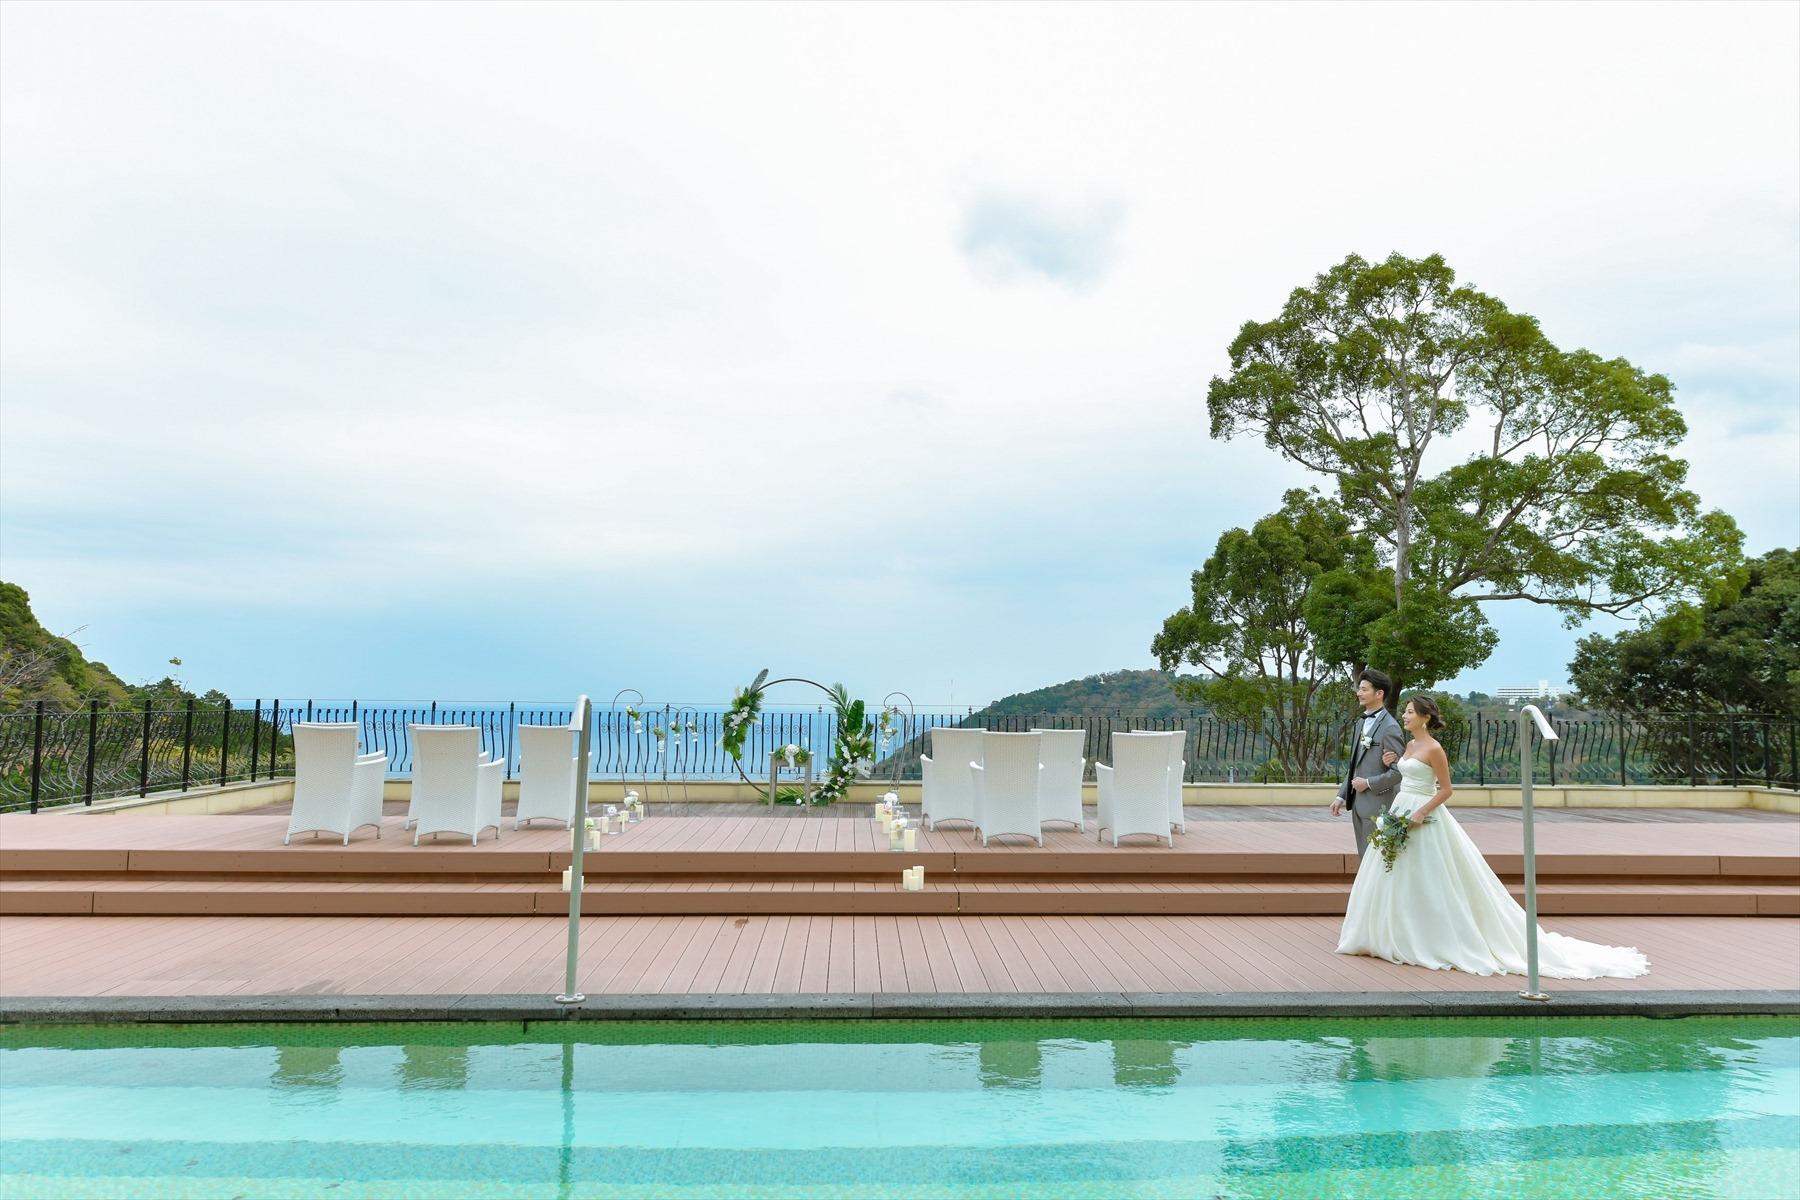 静岡県結婚式 熱海リゾートウェディング スモールラグジュアリー・ウェディング